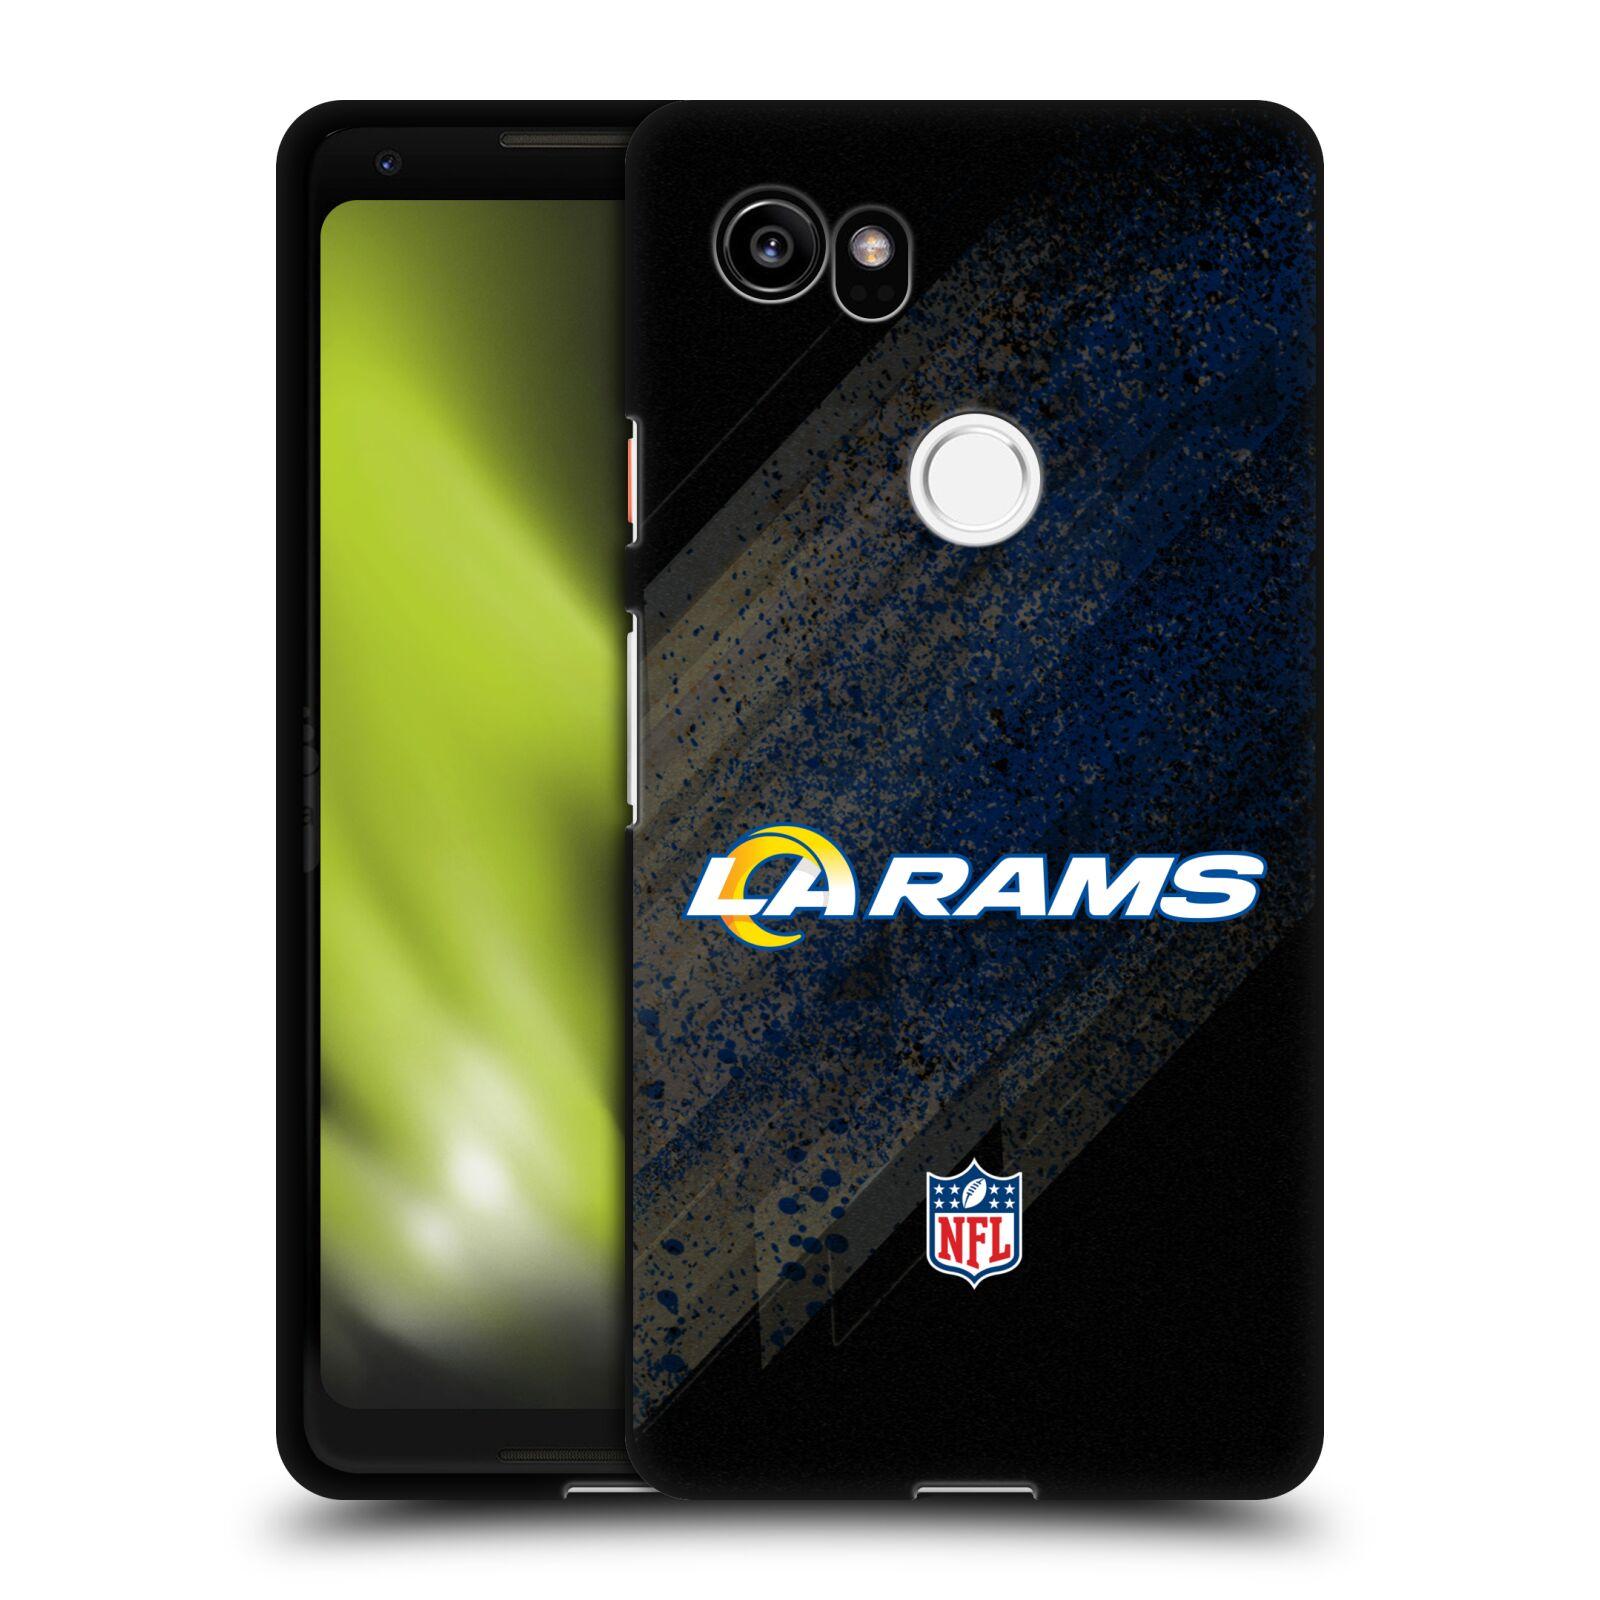 OFFICIAL-NFL-LOS-ANGELES-RAMS-LOGO-BLACK-SOFT-GEL-CASE-FOR-GOOGLE-PHONES